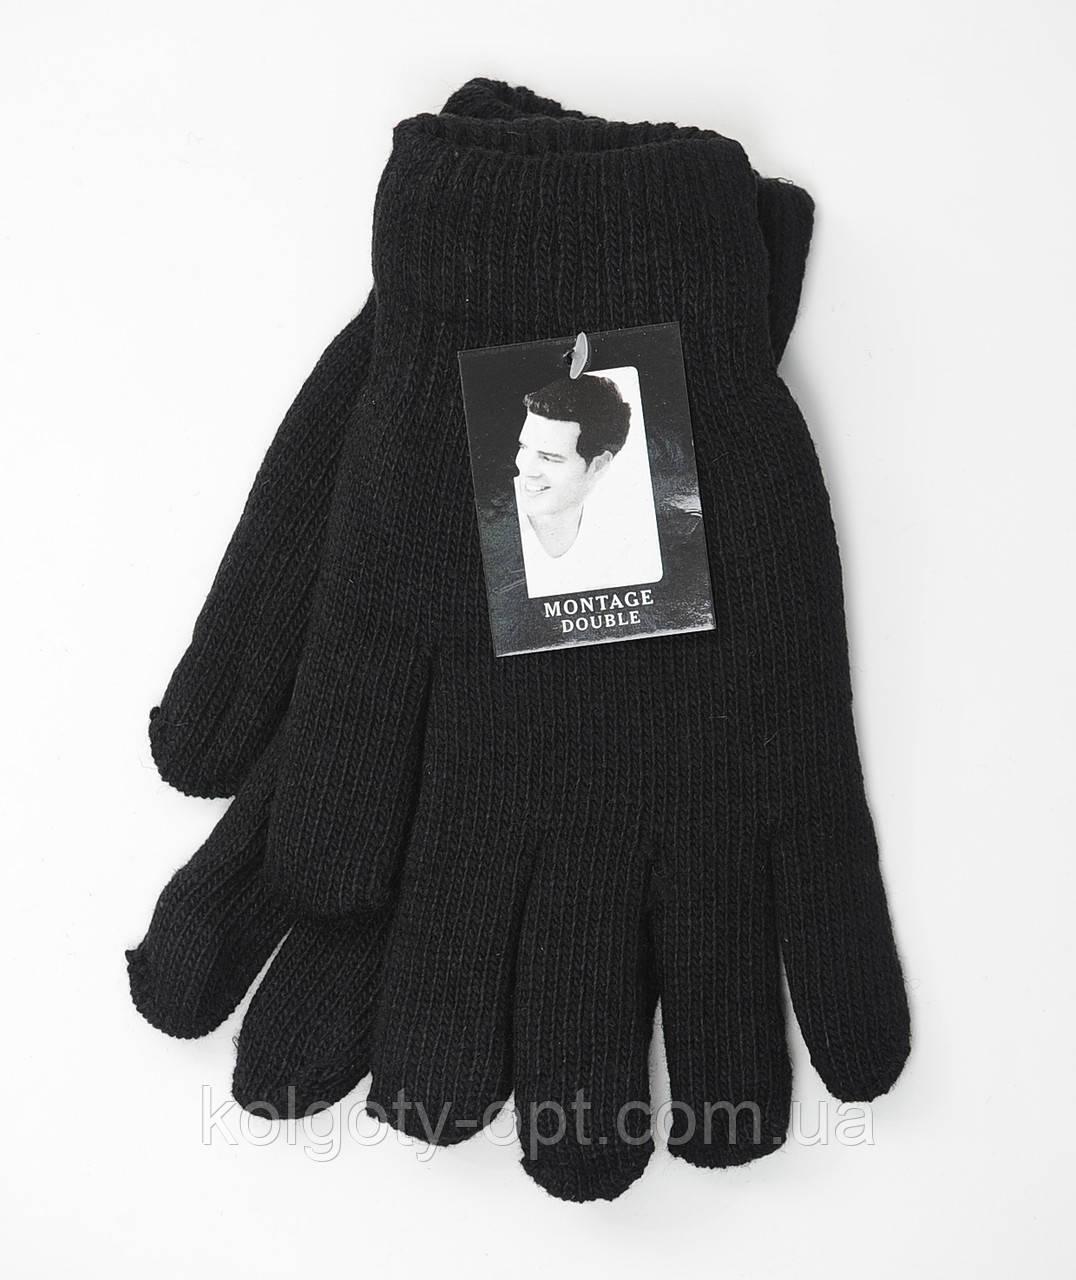 Перчатки мужские двойные вязанные (продаются только от 12 пар)